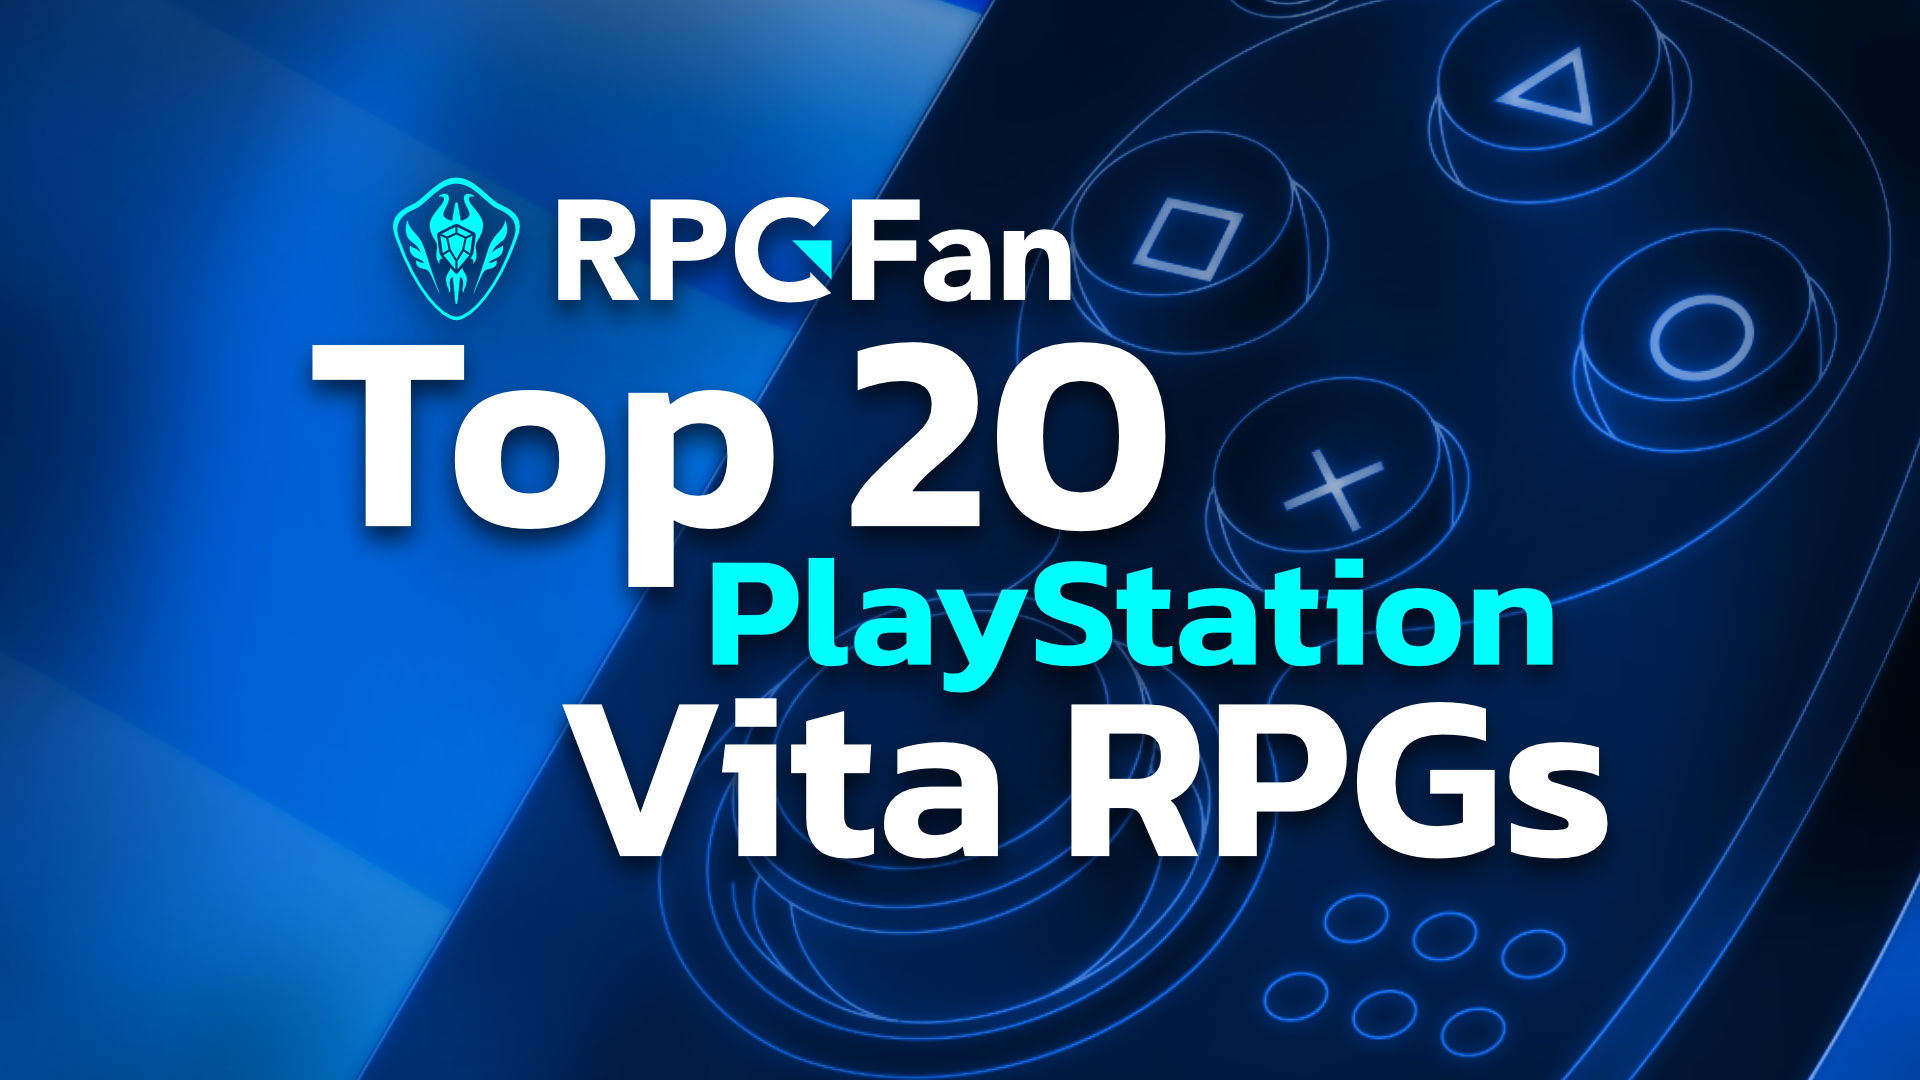 Top 20 PlayStation Vita RPGs